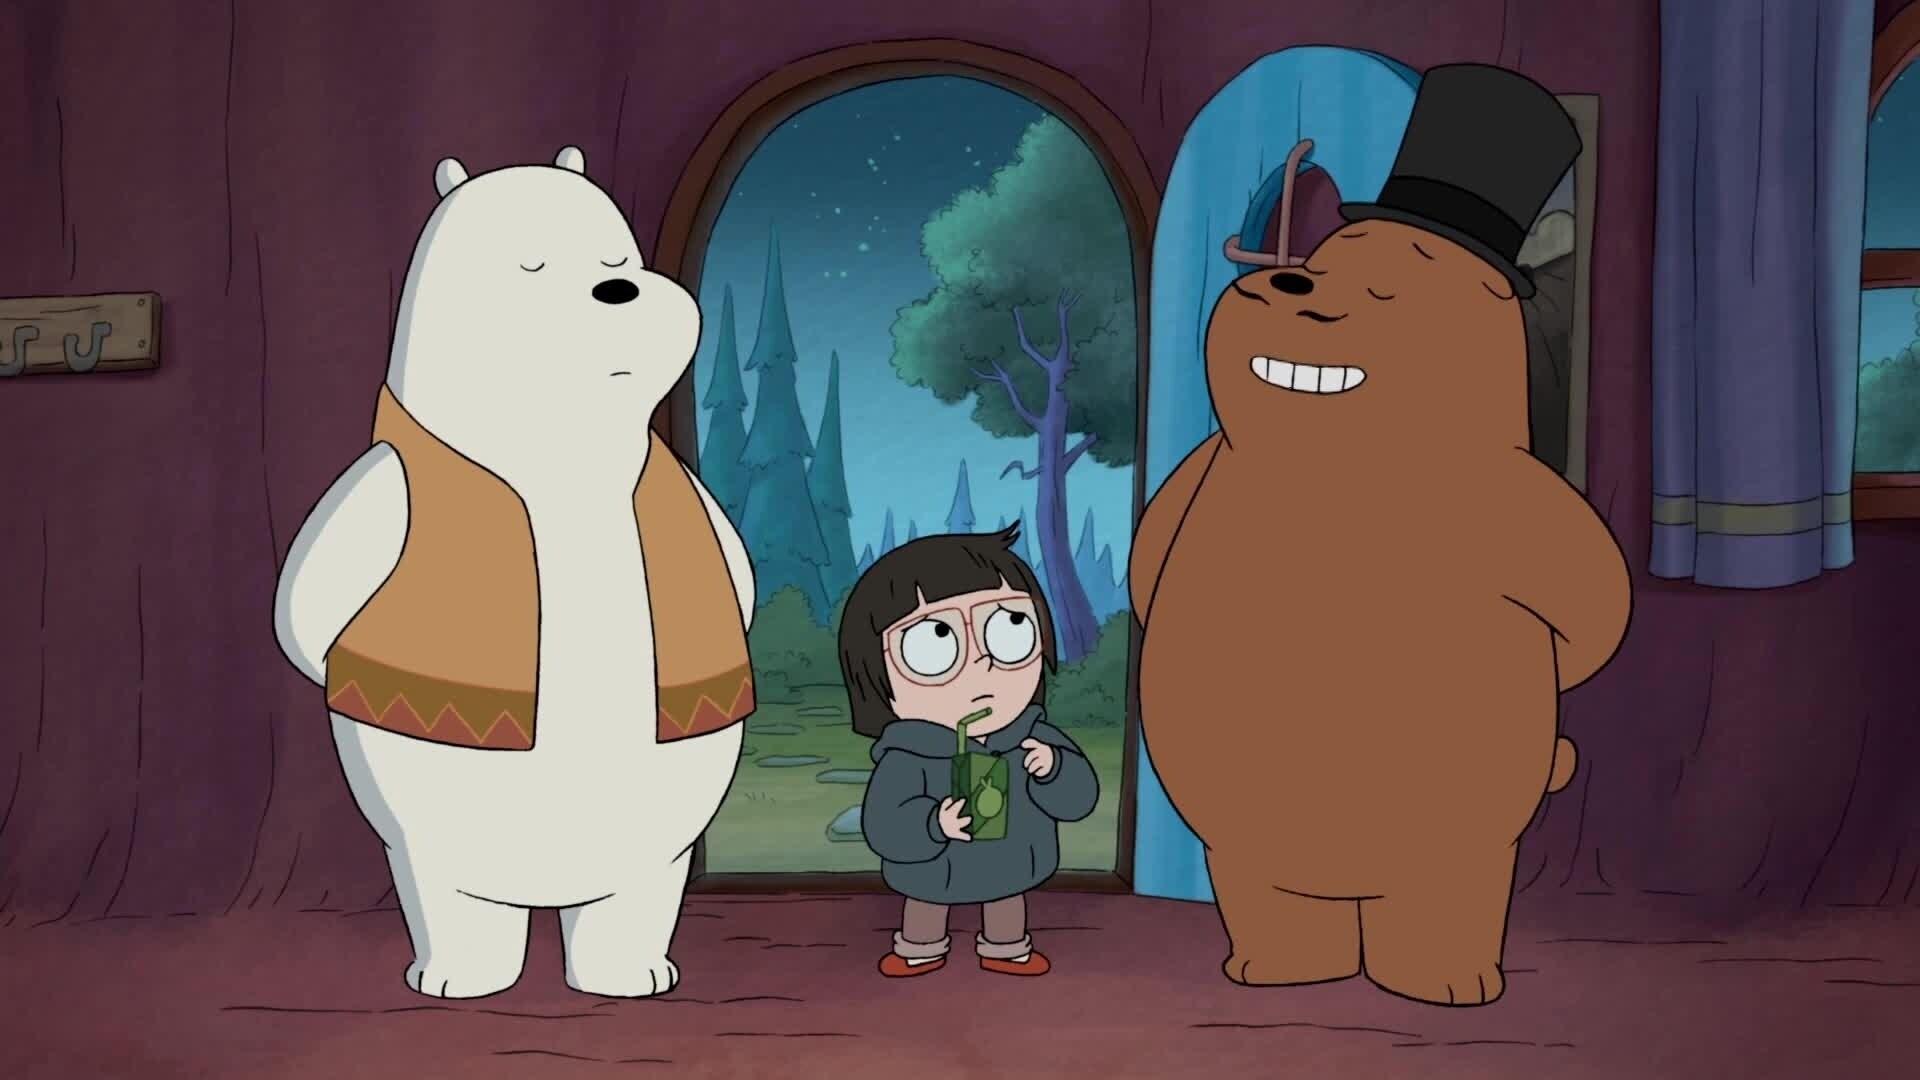 We Bare Bears - Bären wie wir - Wir und neue Freunde für Chloe/Wir und der Notfall